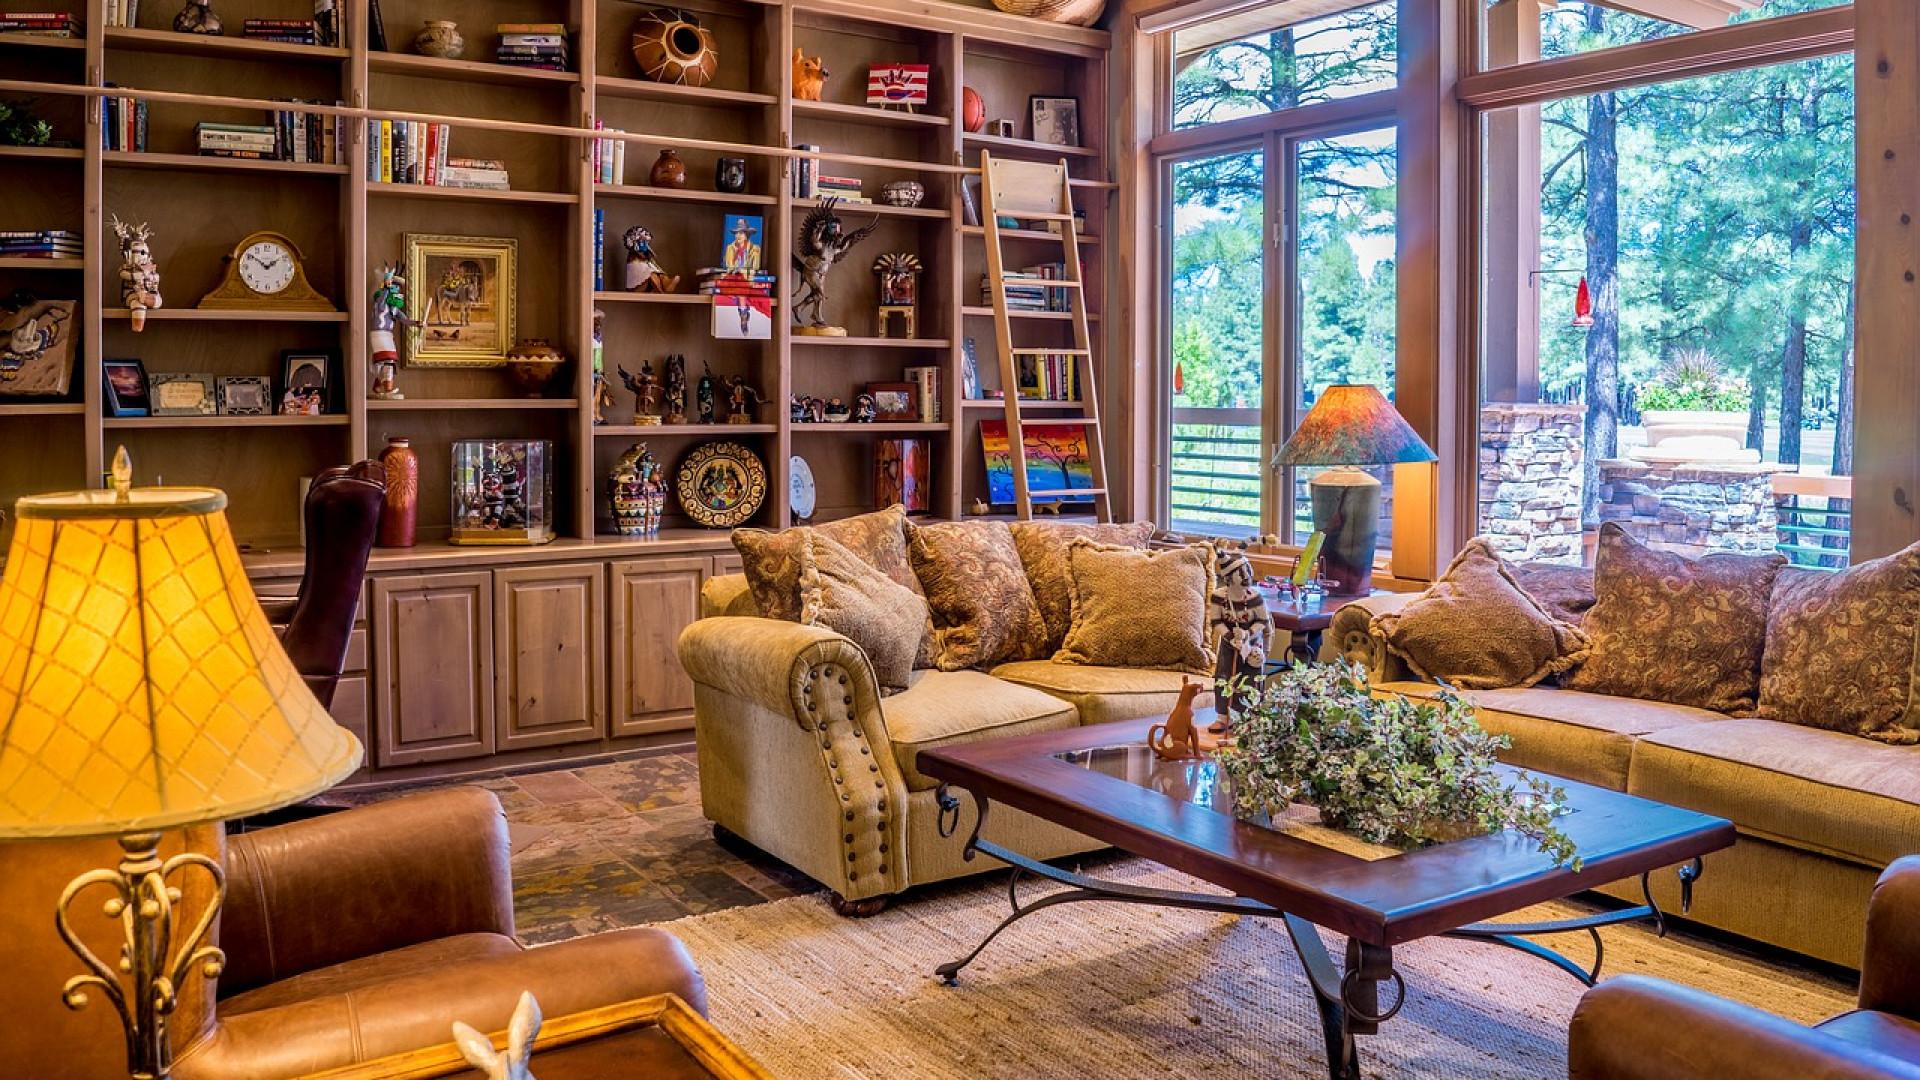 Quelles sont les plus belles décorations intérieures ?